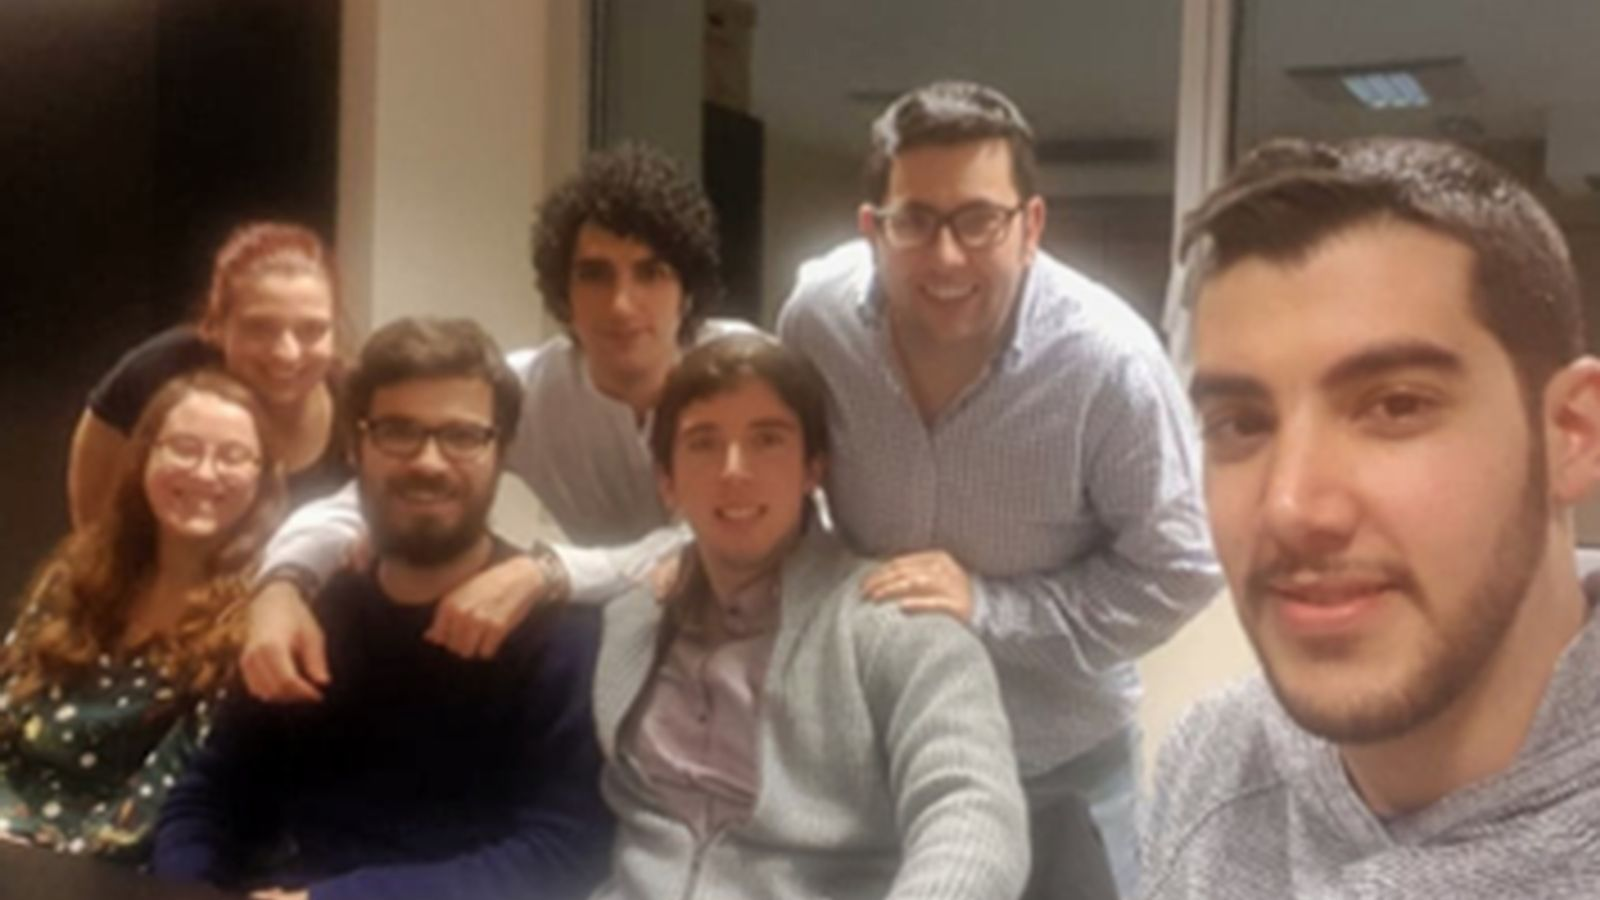 Membres de la Joventut Socialdemòcrata d'Andorra